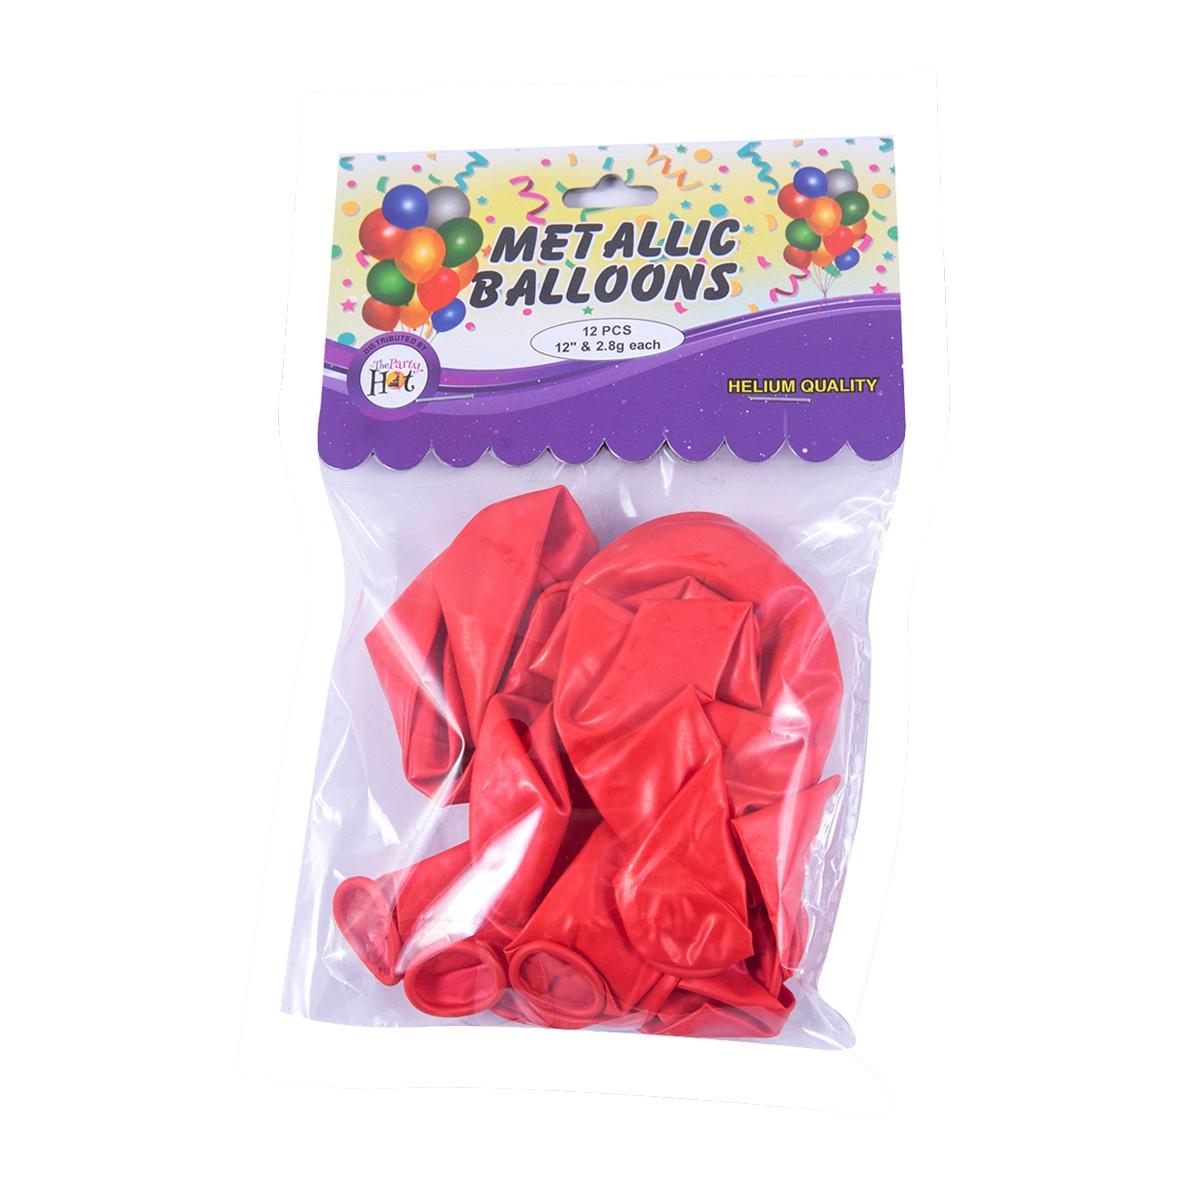 Ph Metallic Balloons Red 12 Pcs - in Sri Lanka